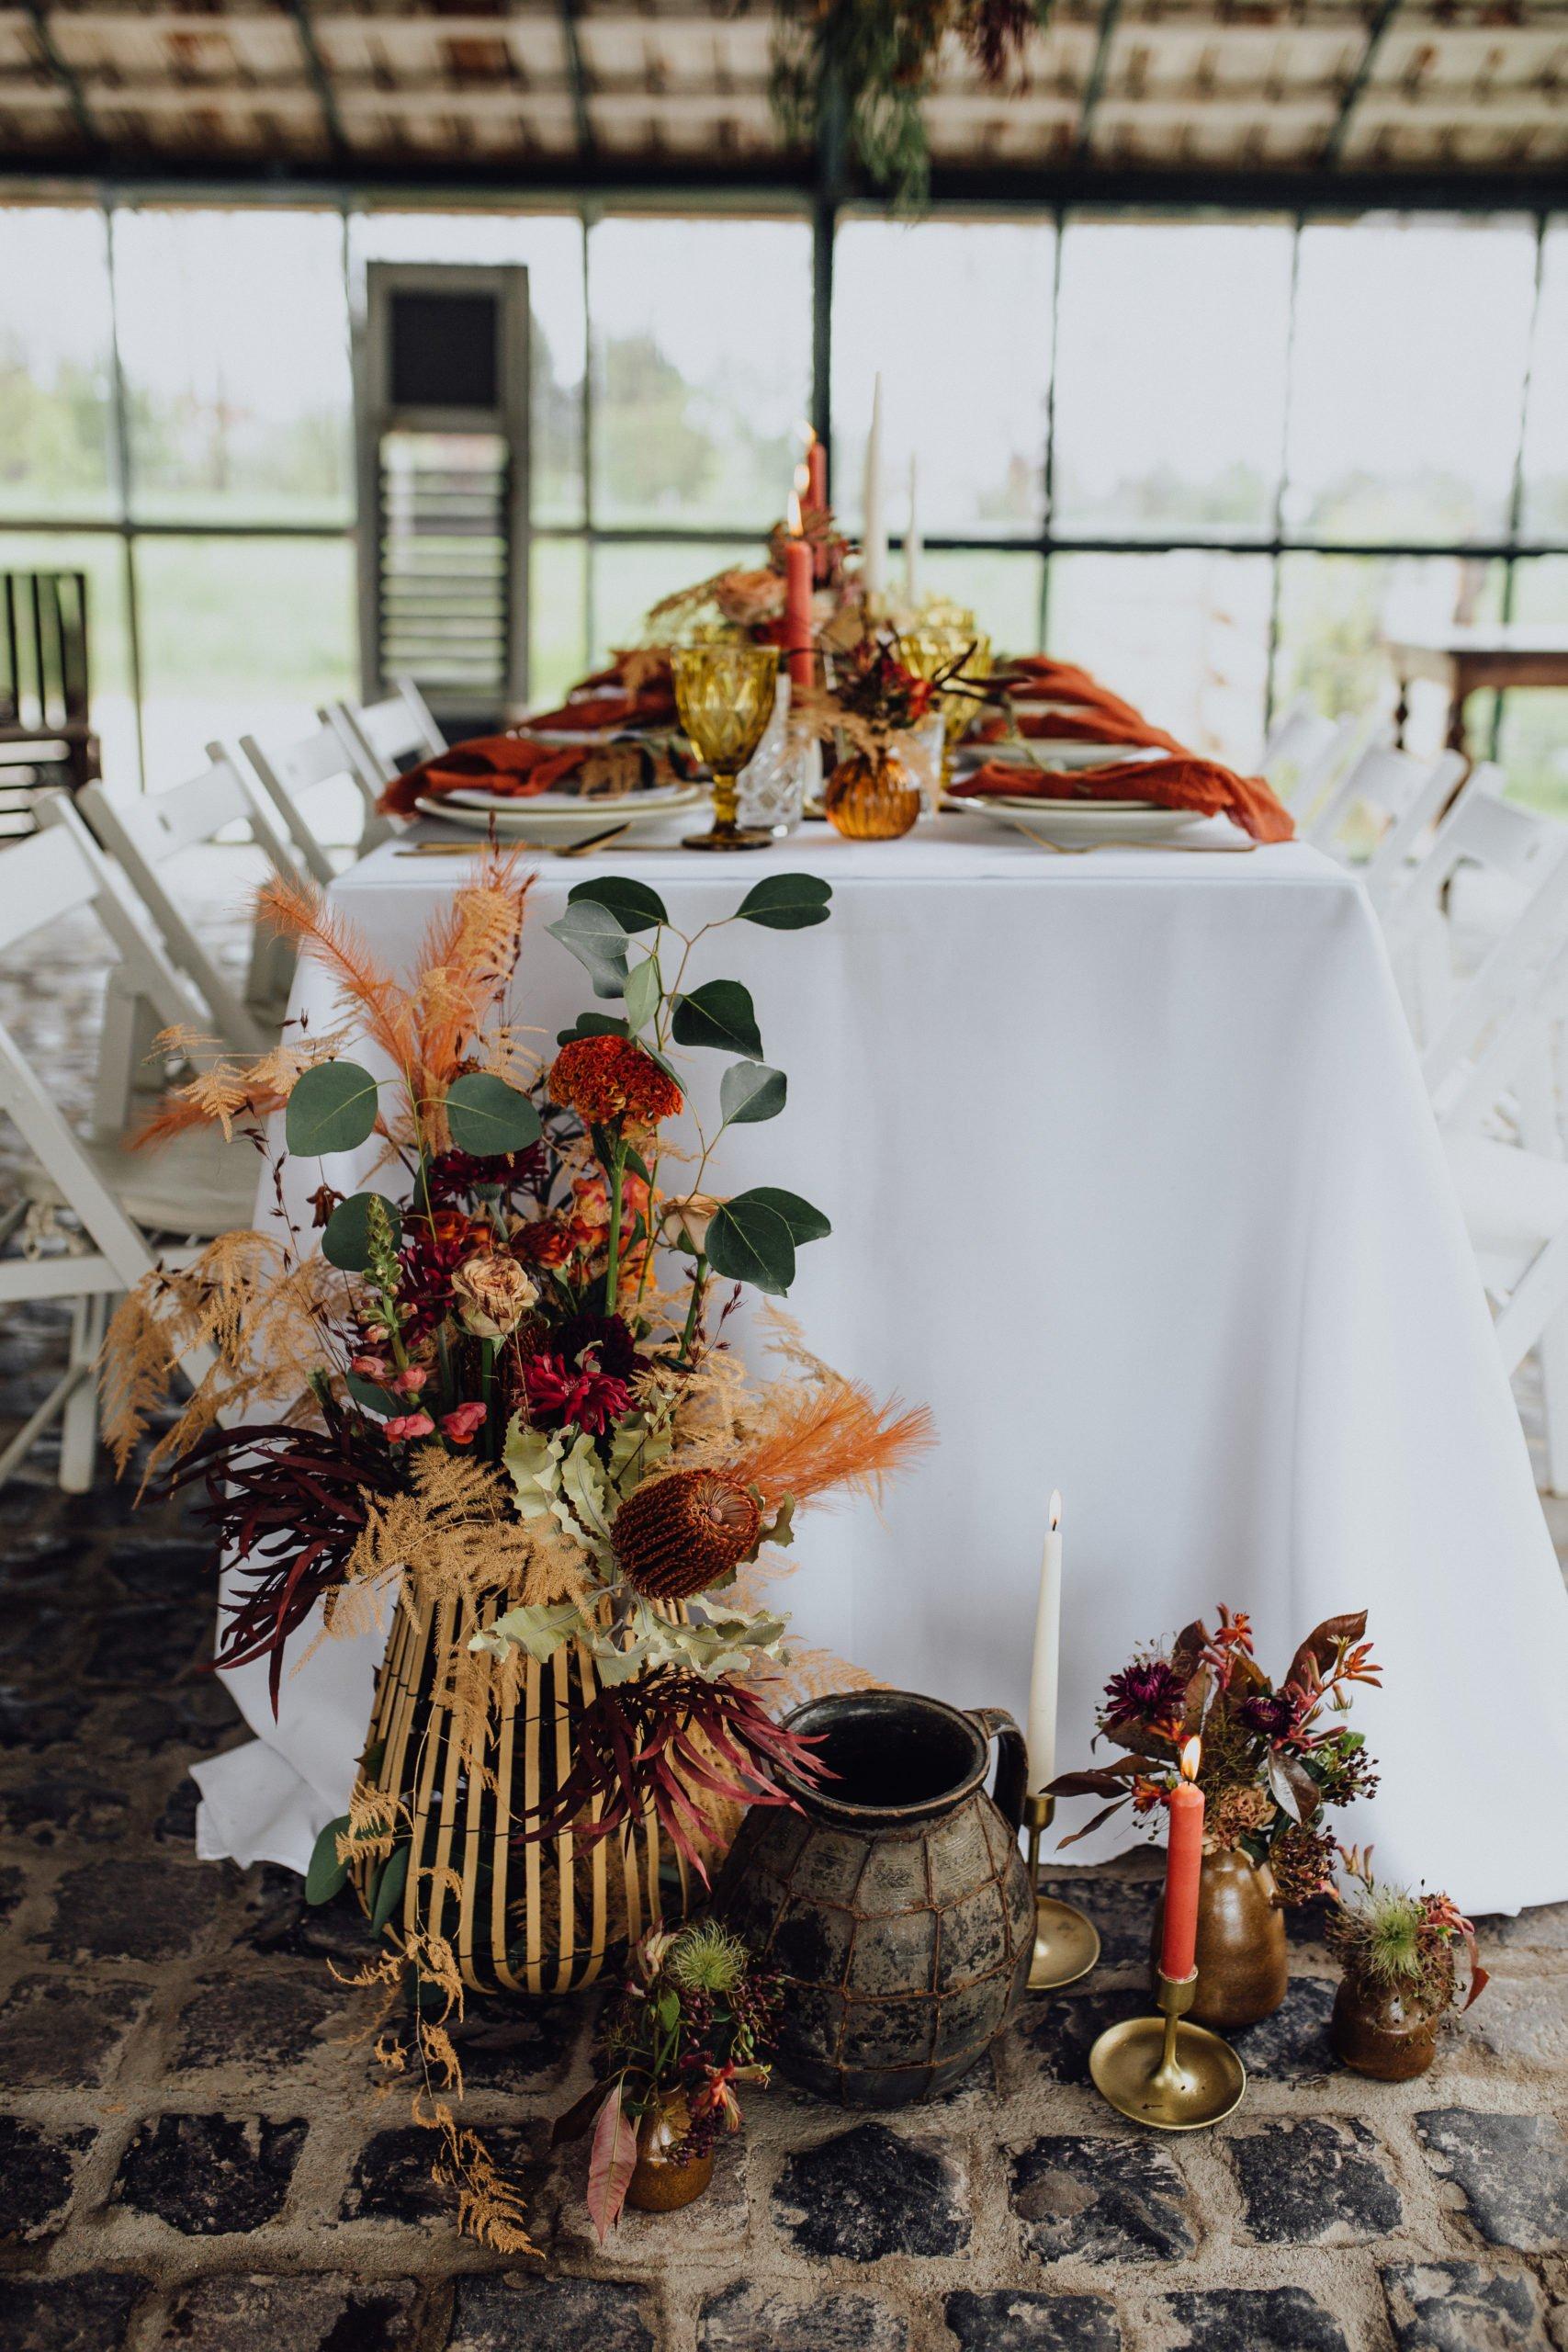 Dekoration bei der Hochzeit in warmen Herbsttönen